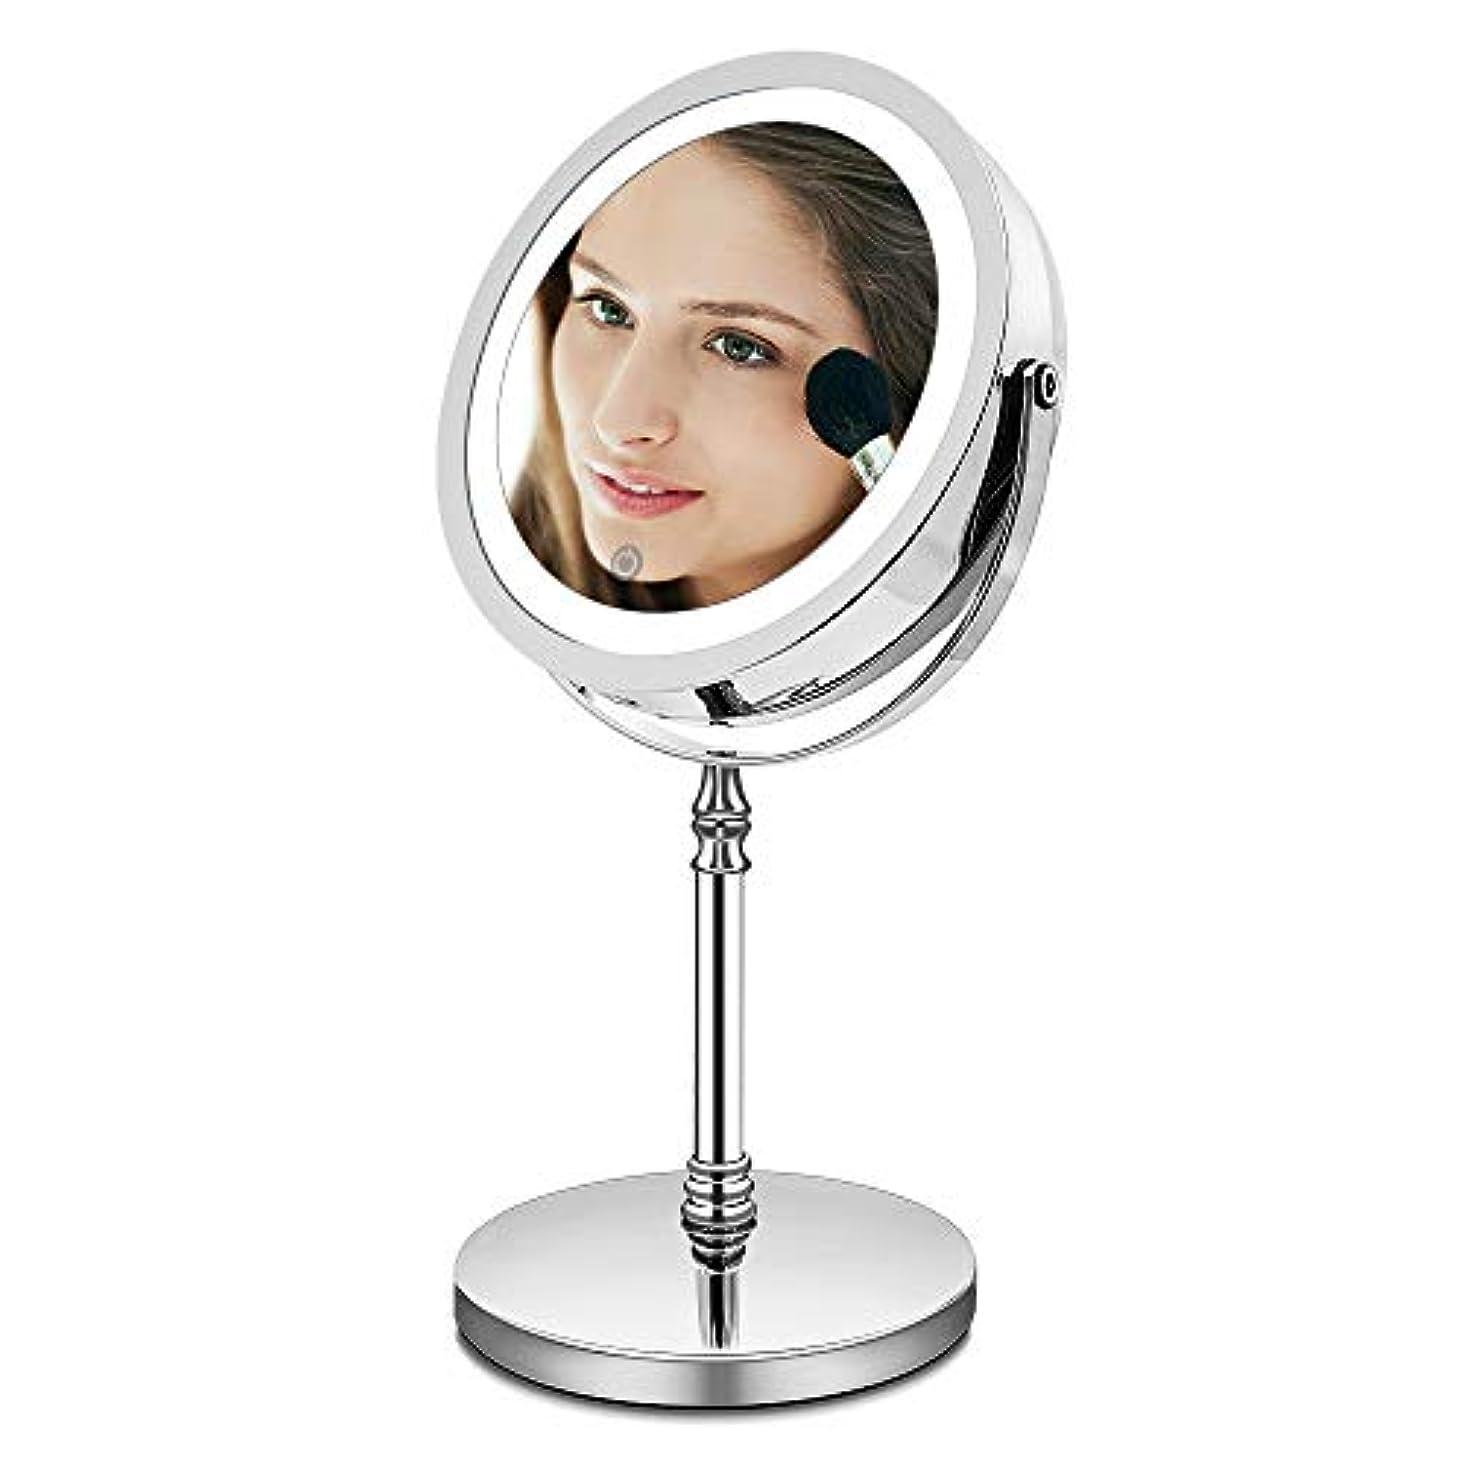 応用黒適切なAMZTOLIFE 10倍拡大鏡+等倍鏡 化粧鏡 ライト付き 卓上鏡 ミラー 鏡 化粧ミラー メイクアップミラー スタンドミラー 360度回転 明るさ調節 日本語取扱説明書付き (タイチー)